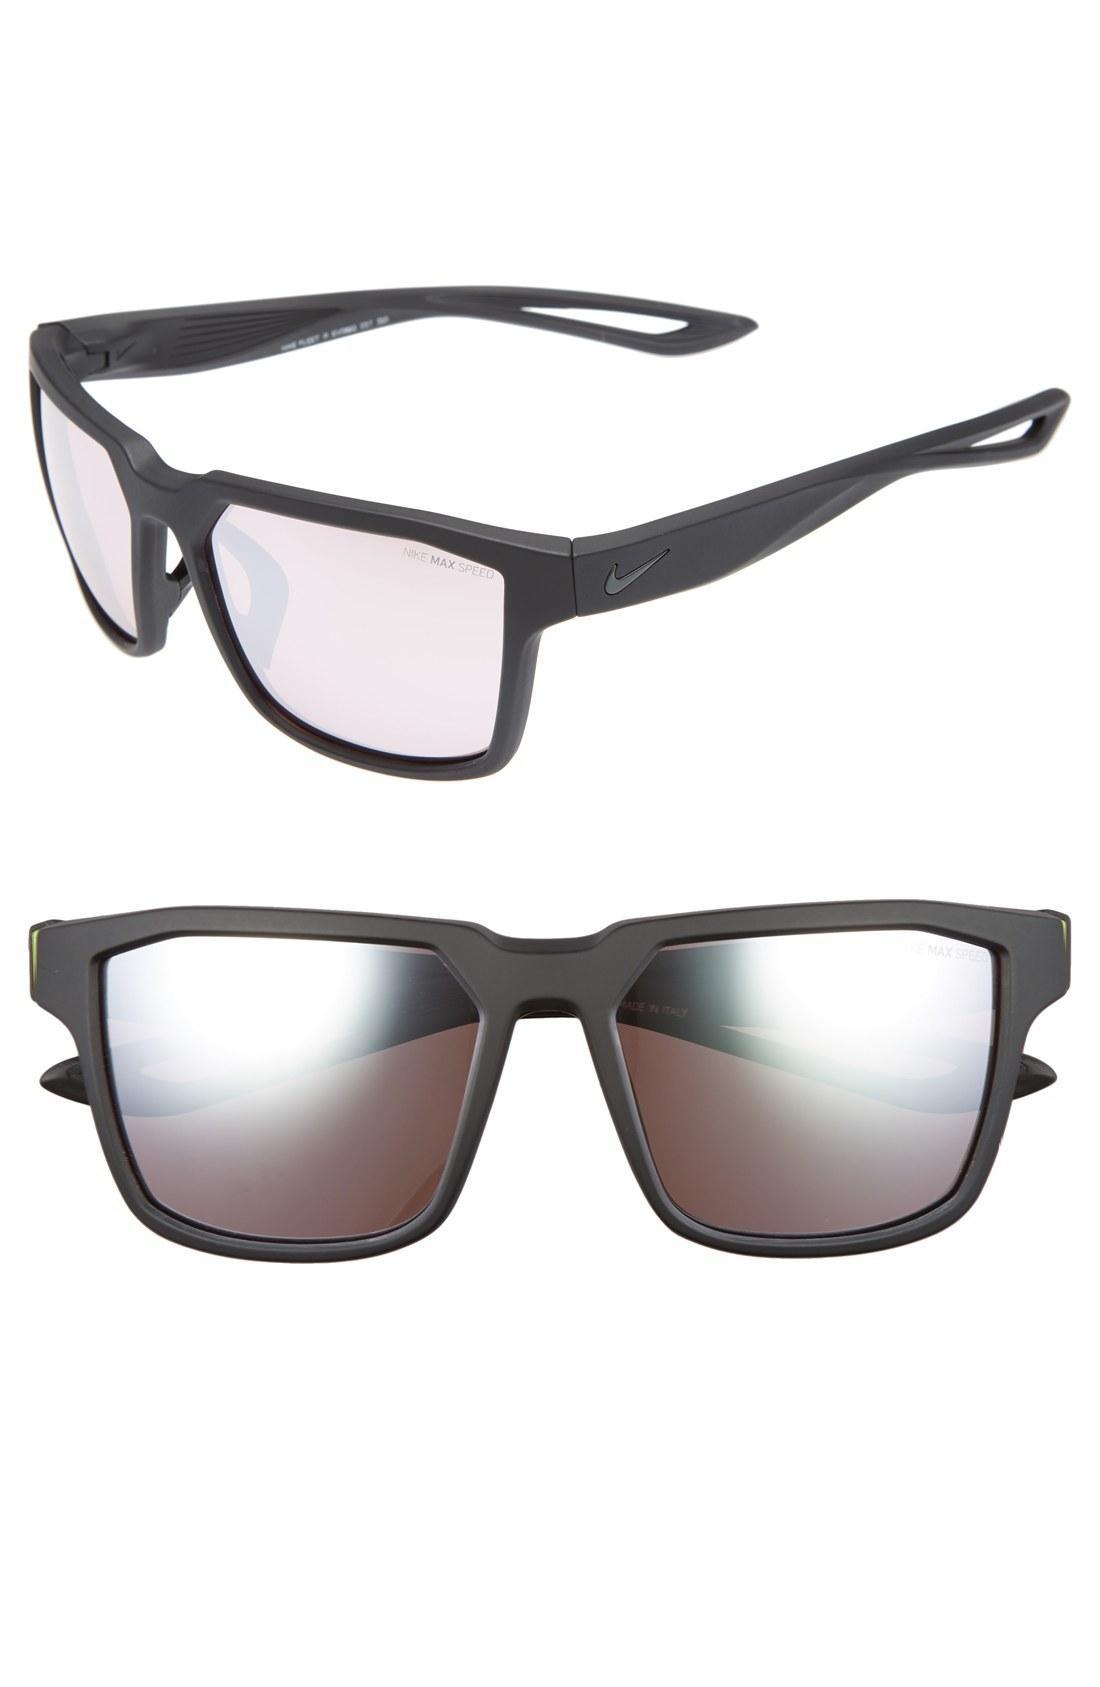 20ee3d33536c Nike Fleet 55Mm Sport Sunglasses - Matte Black/ Volt | ModeSens